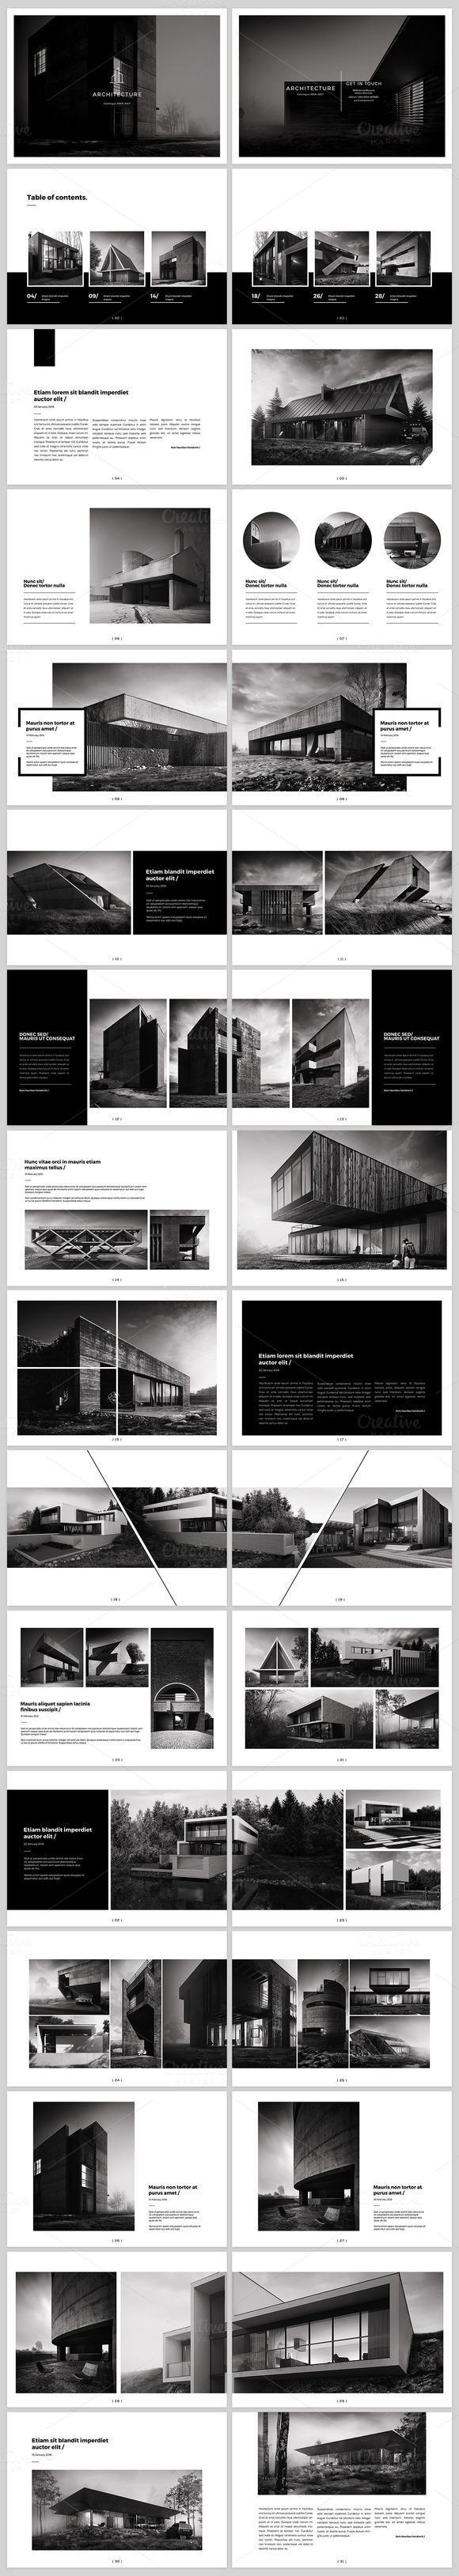 CM 627872 – Architecture Landscape Brochure … | Pinteres…